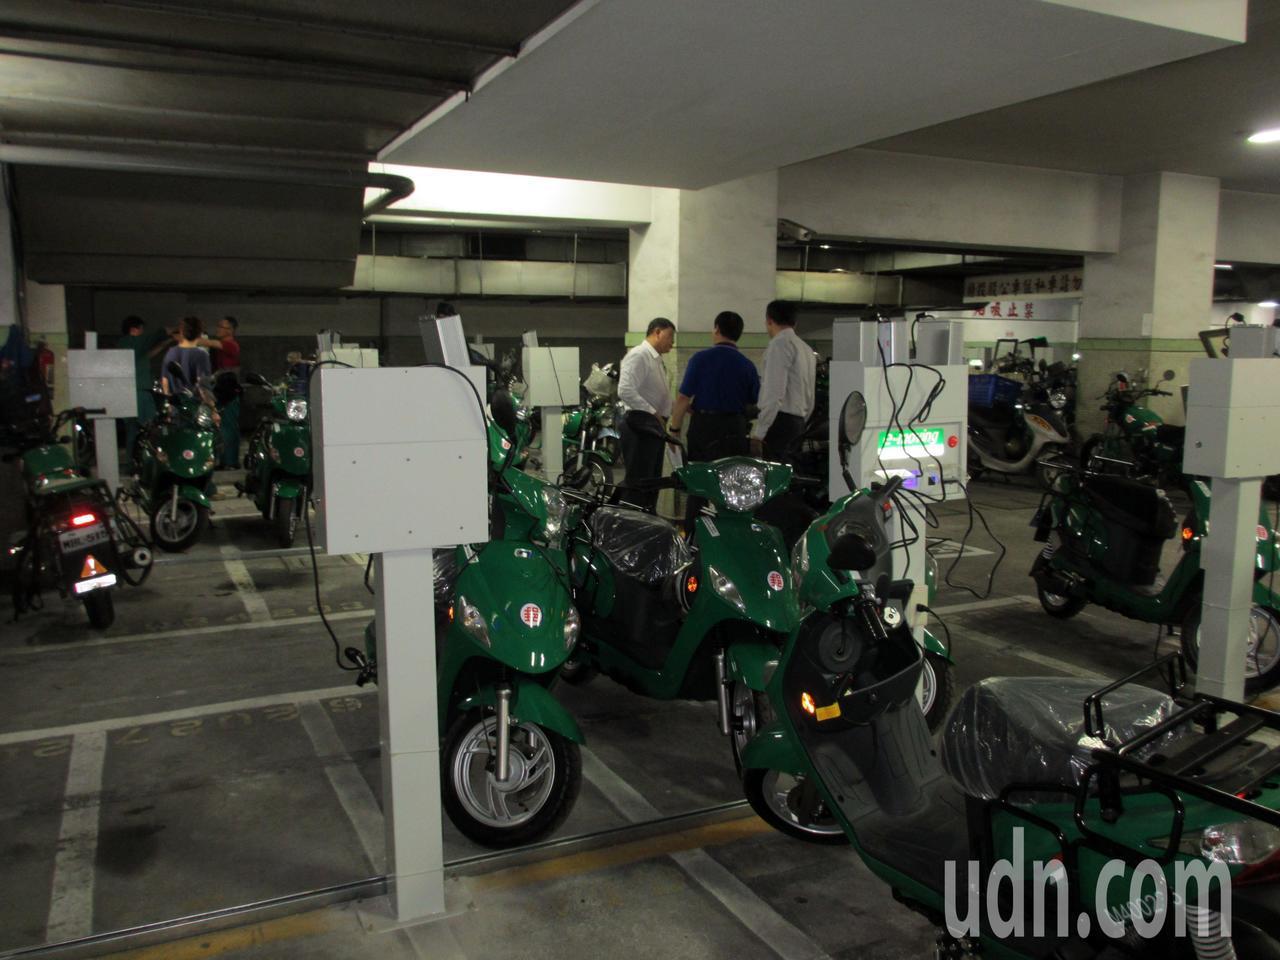 高雄郵局地下室建置為電動郵務機車充電站。記者王昭月/攝影